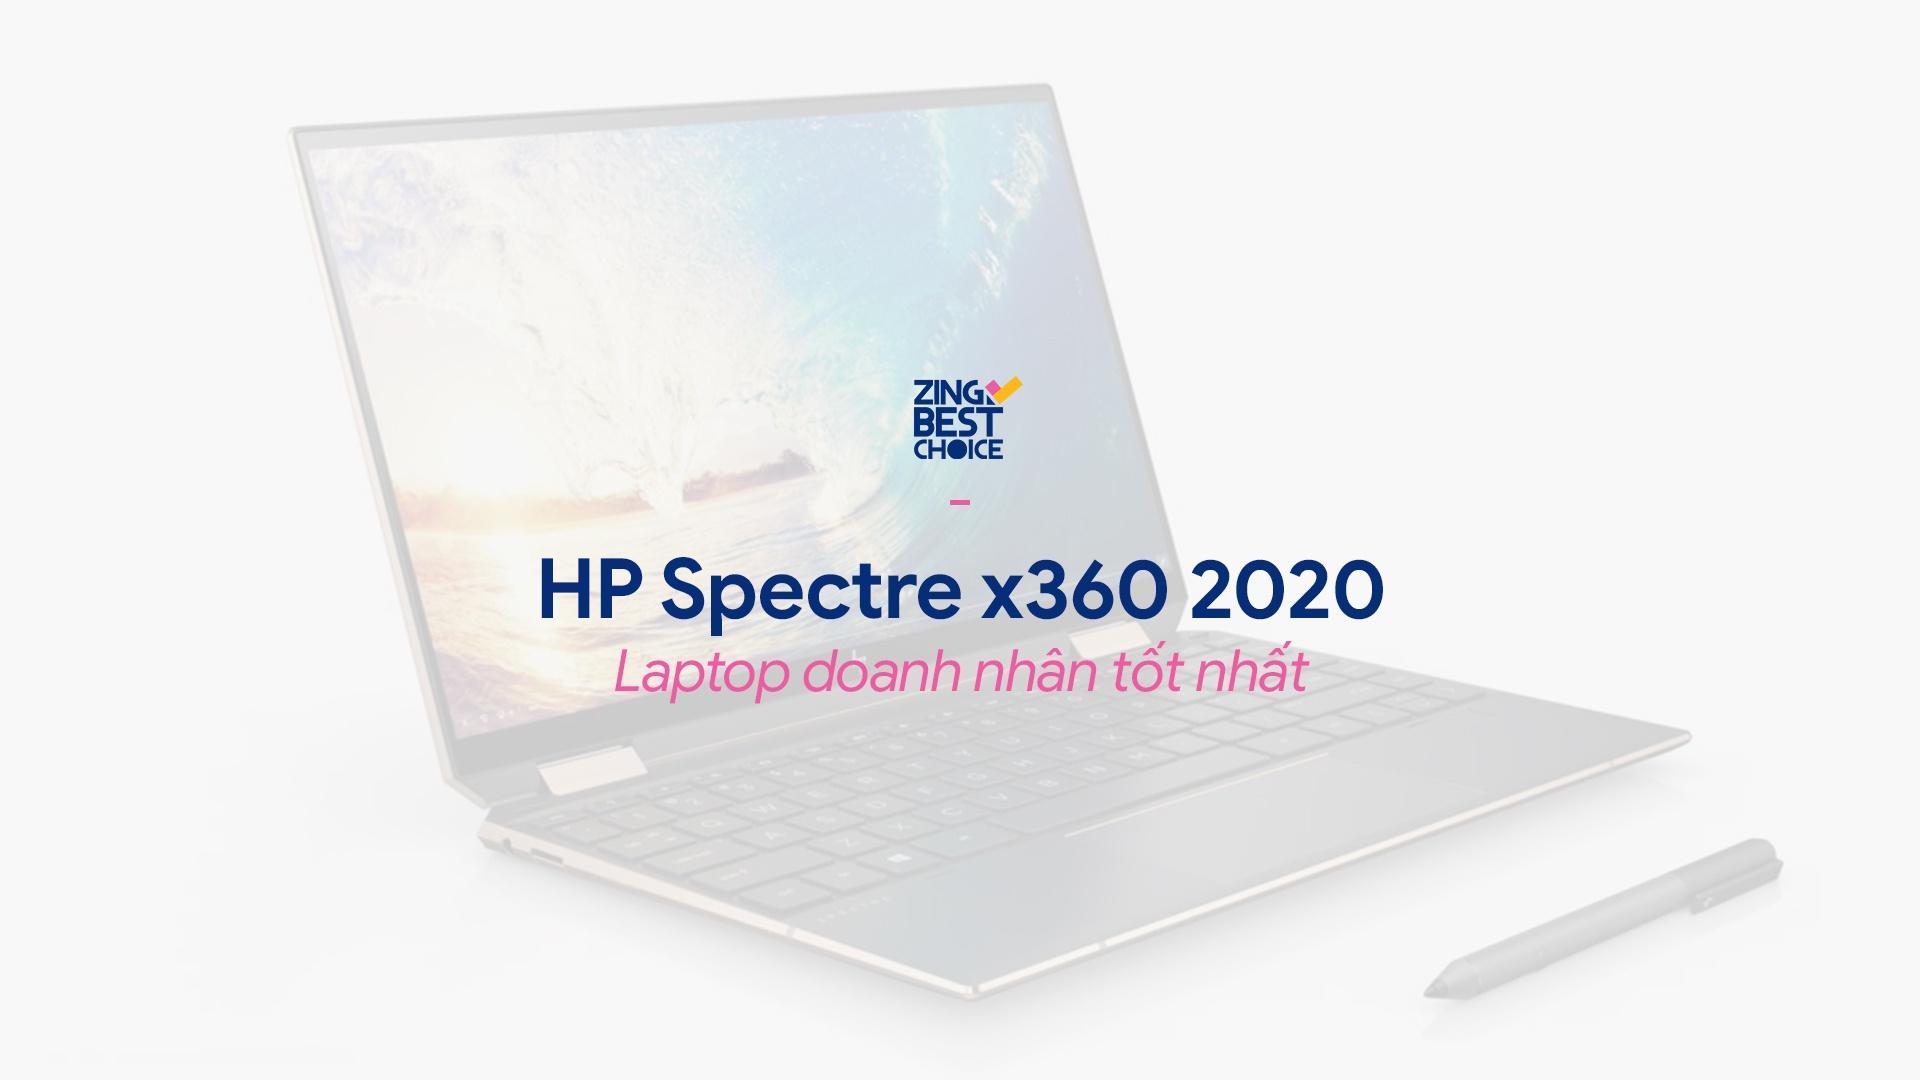 Top 5 laptop tot nhat tinh den dau nam 2020 hinh anh 7 HP.jpg